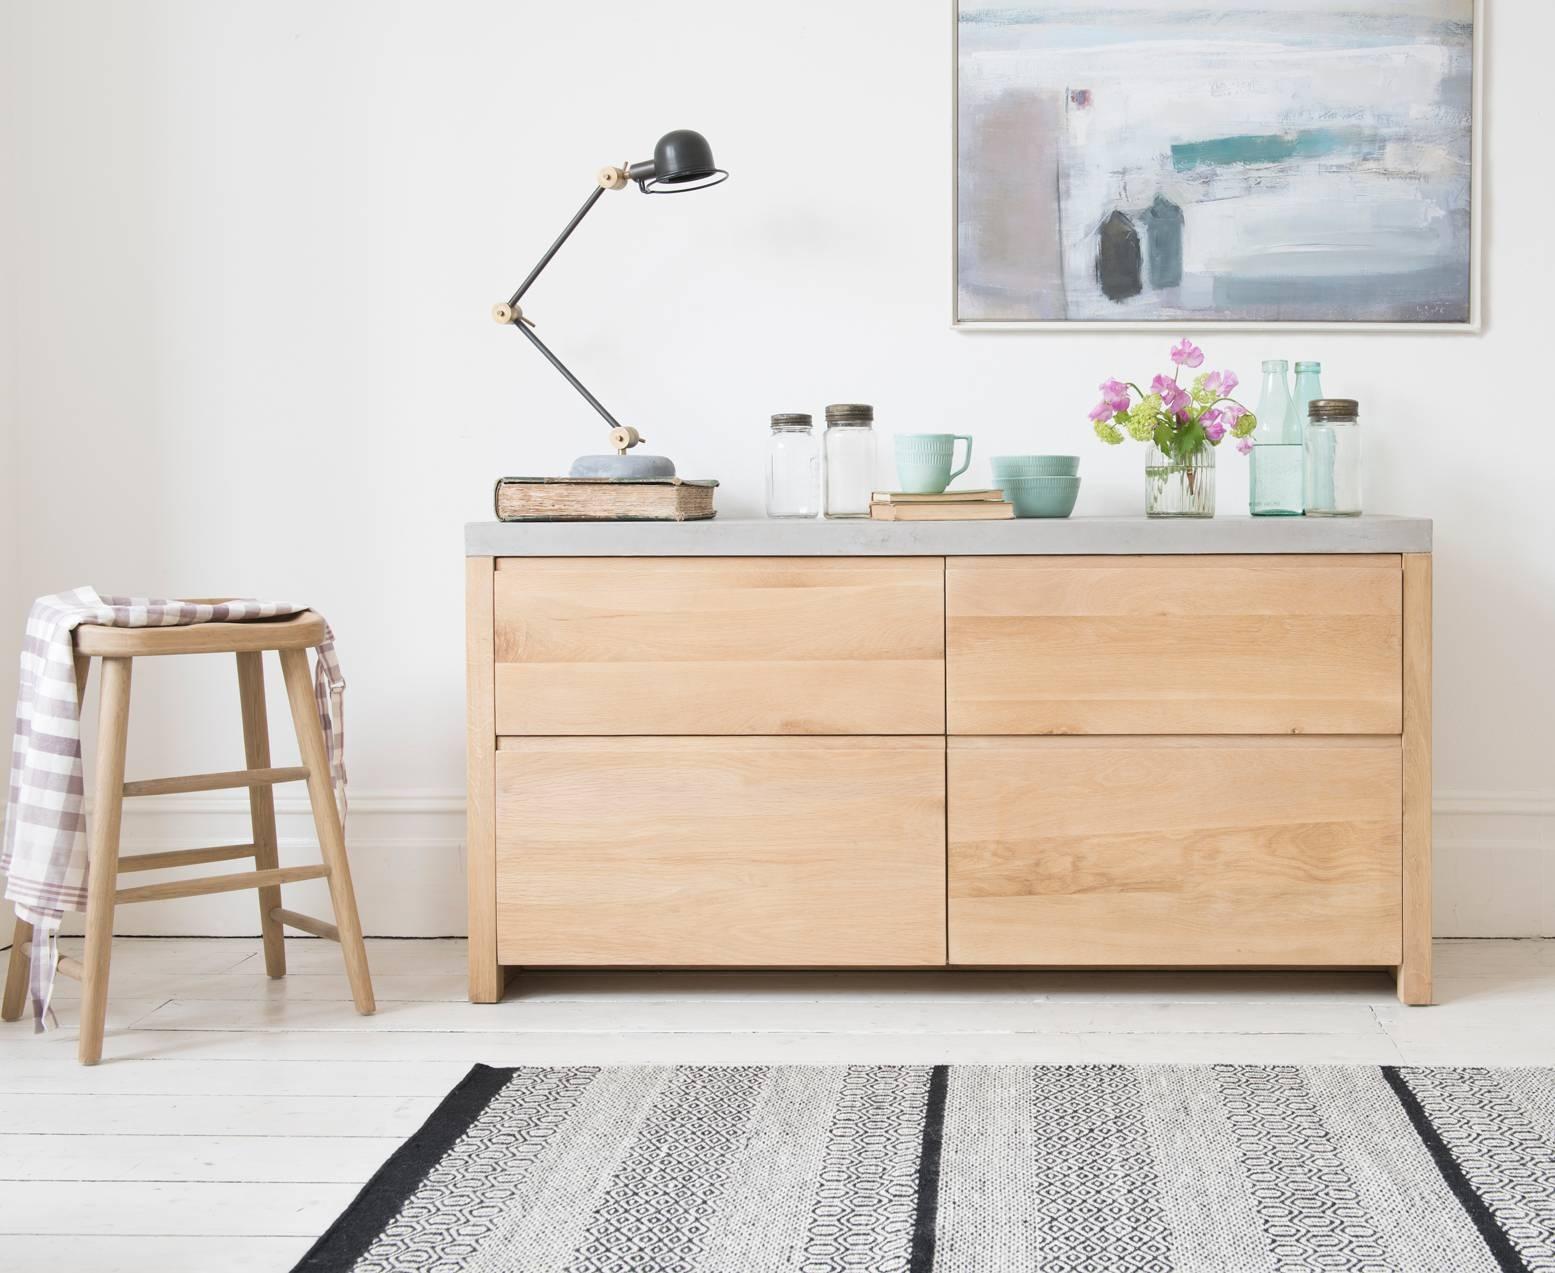 Sidewalk Oak Sideboard | Wooden Sideboard | Loaf Inside Small Modern Sideboards (#15 of 15)